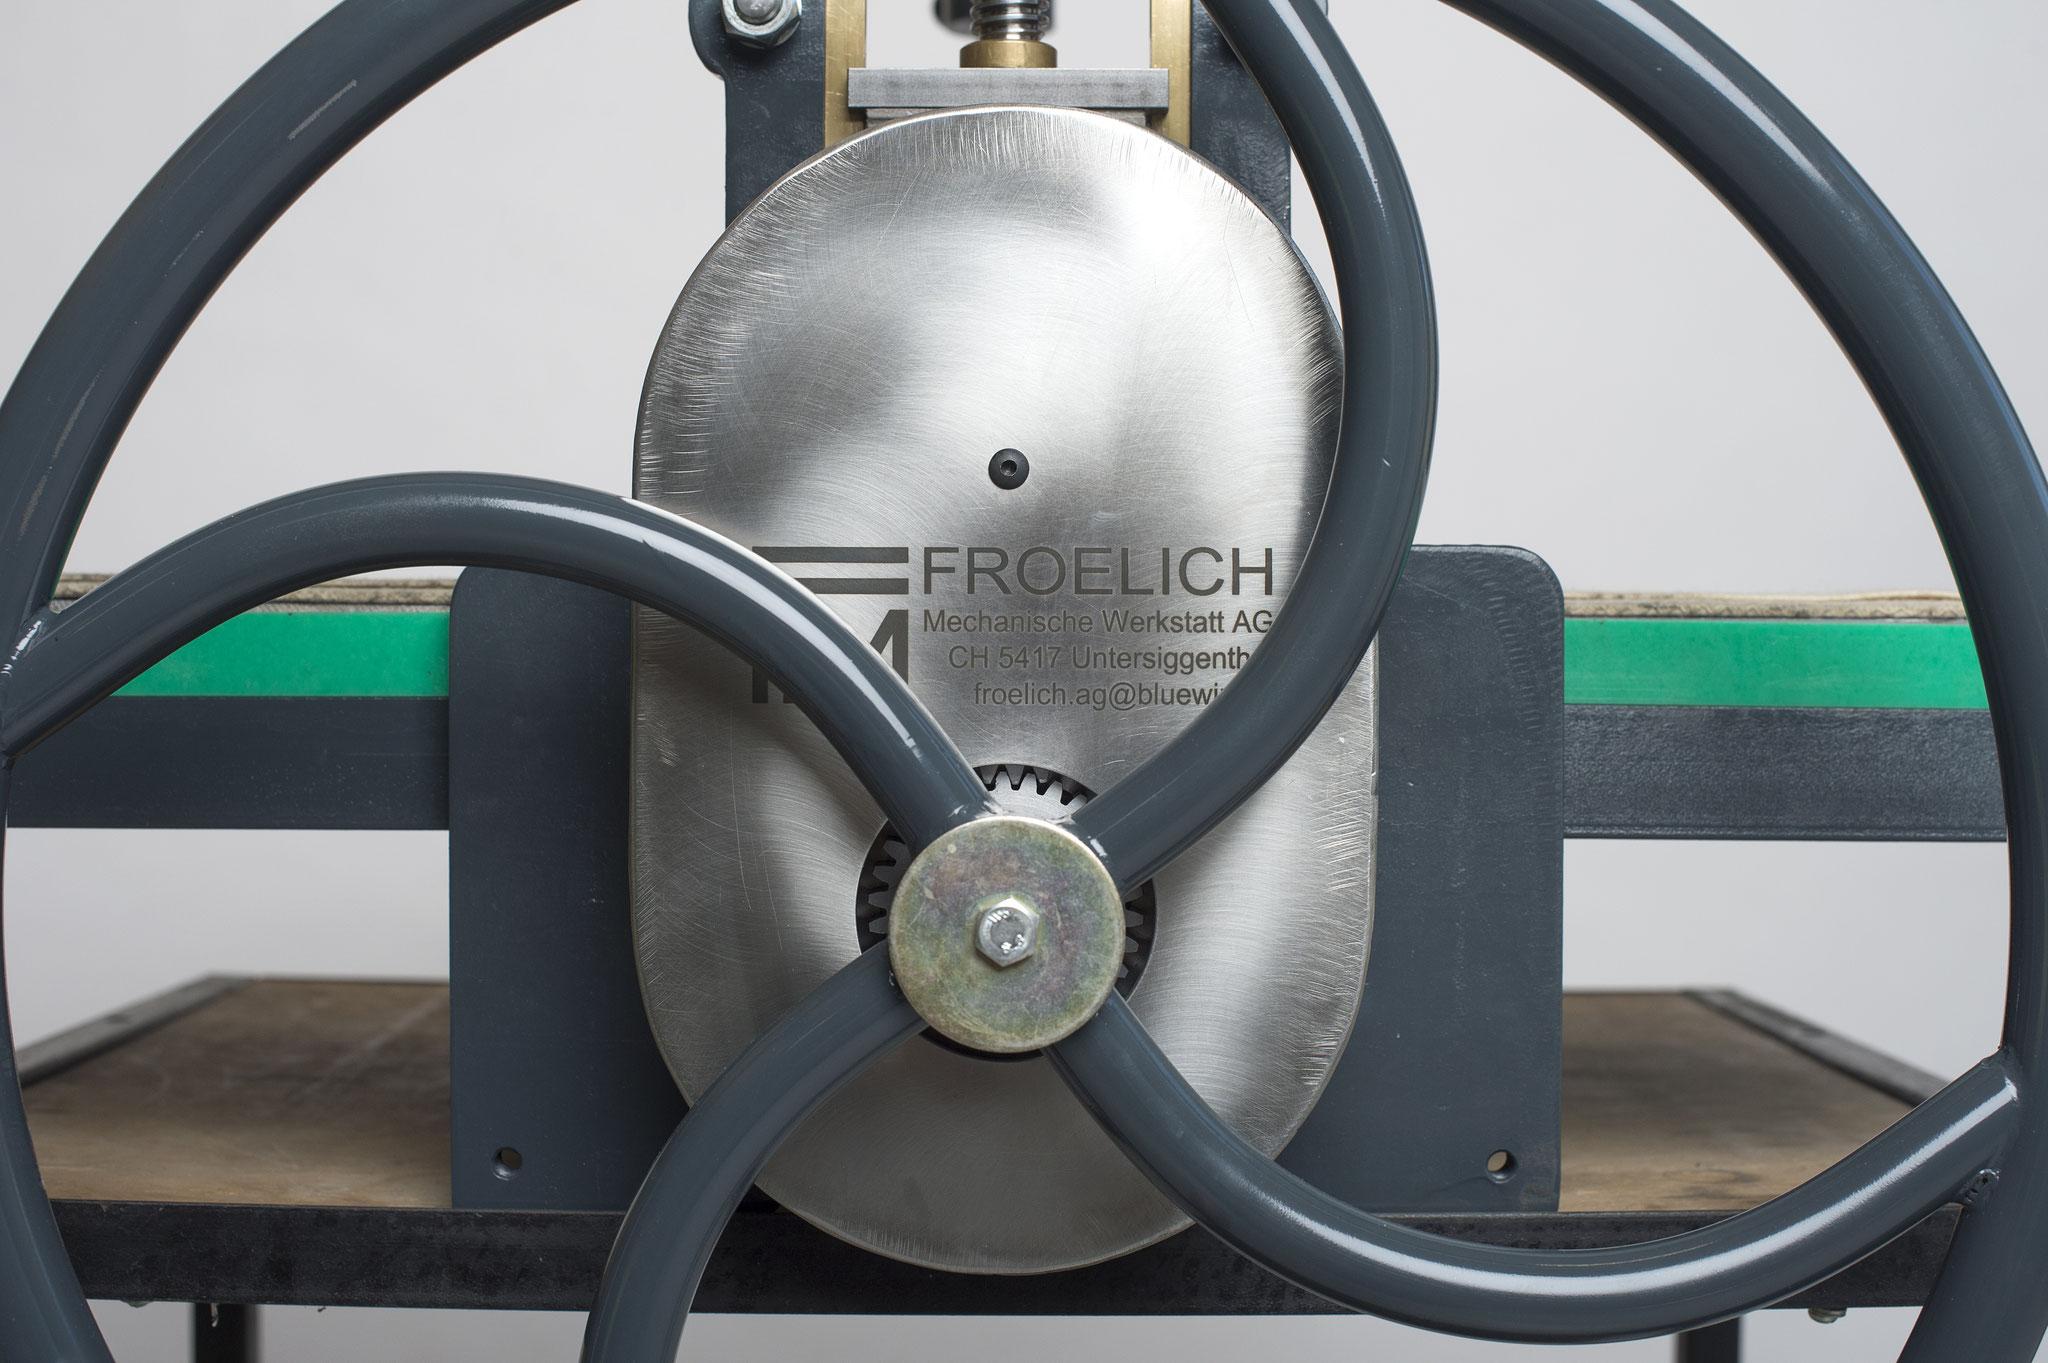 Handrad der Froelich-Presse 500